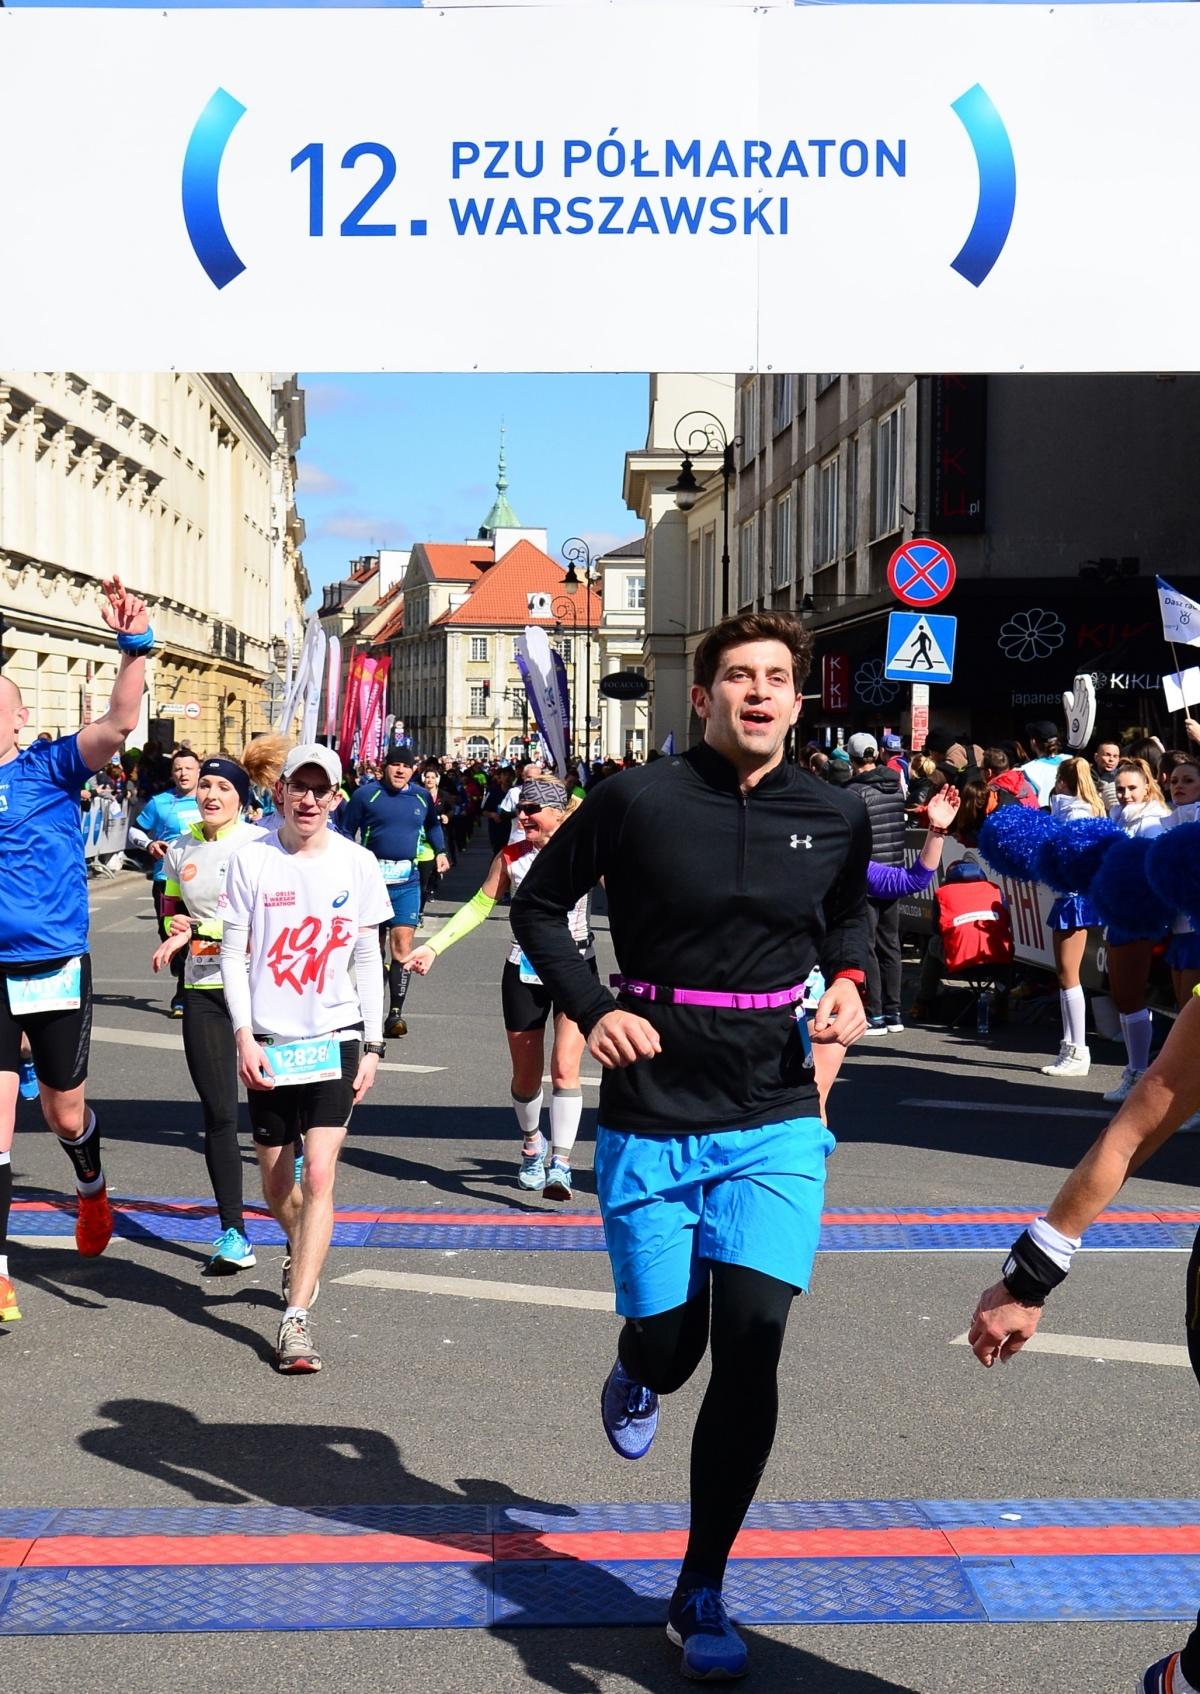 wieszczek_polmaraton2